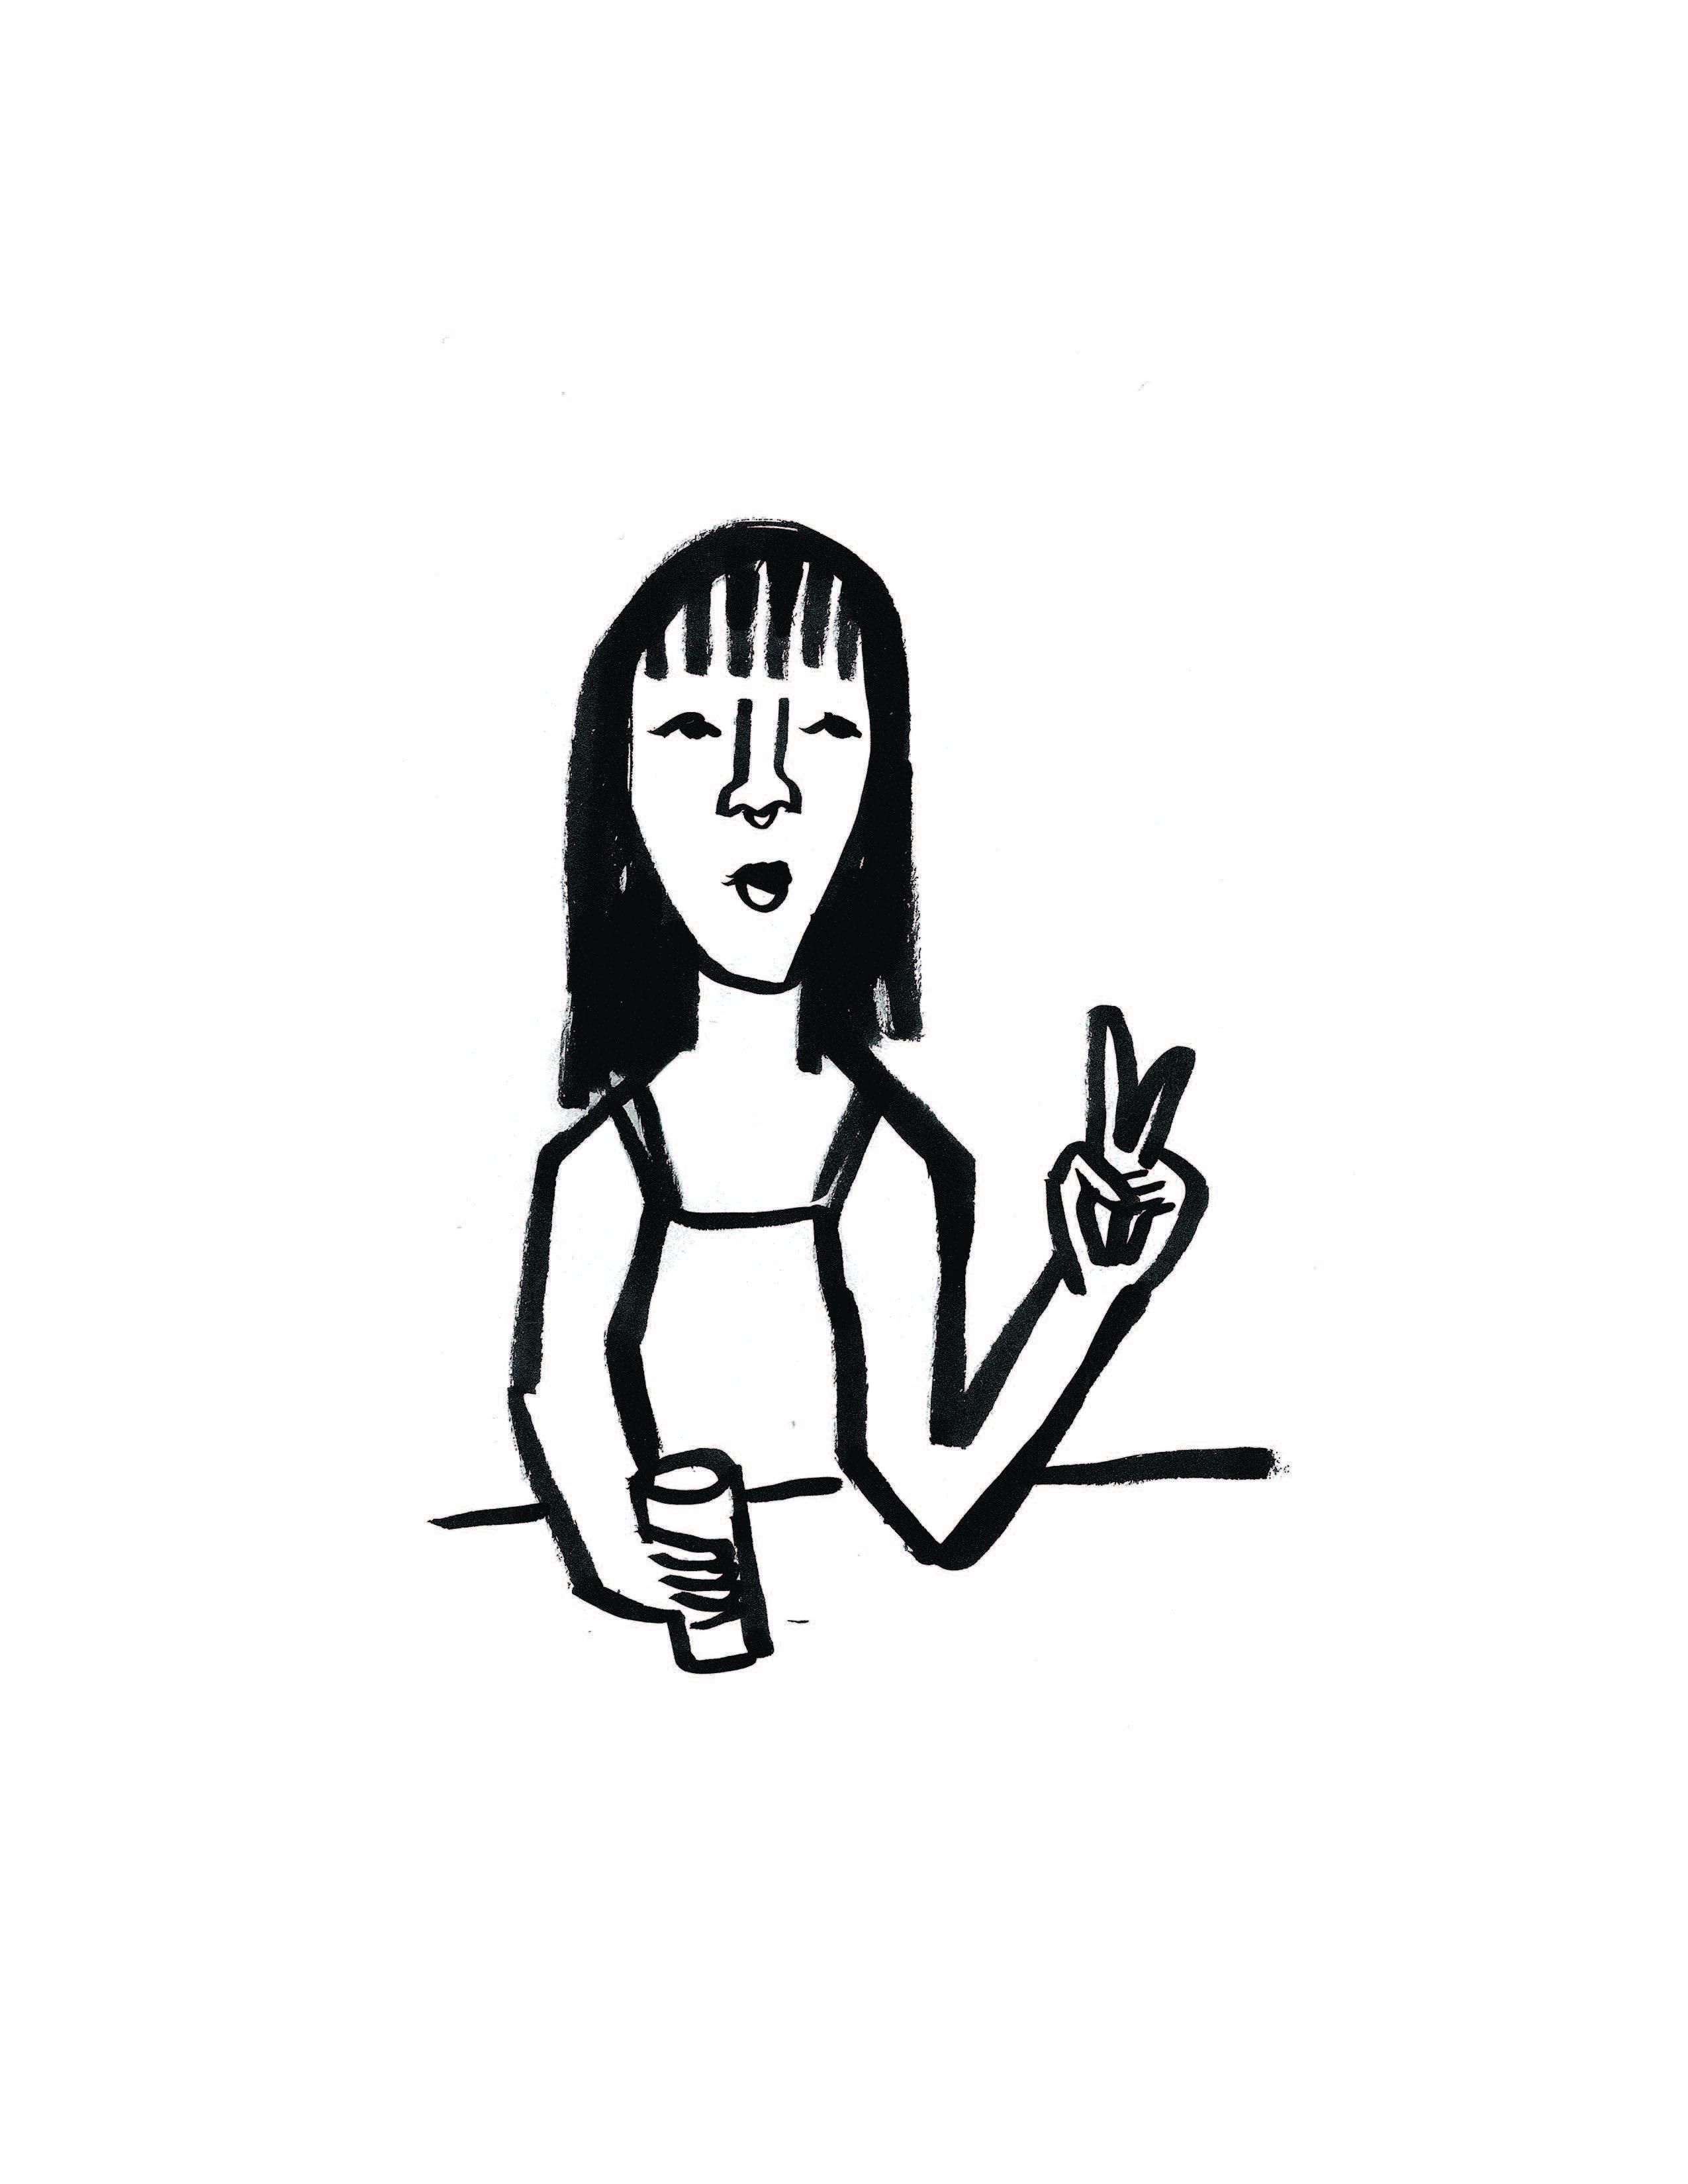 ladies_drawings_8.5x11_Page_09